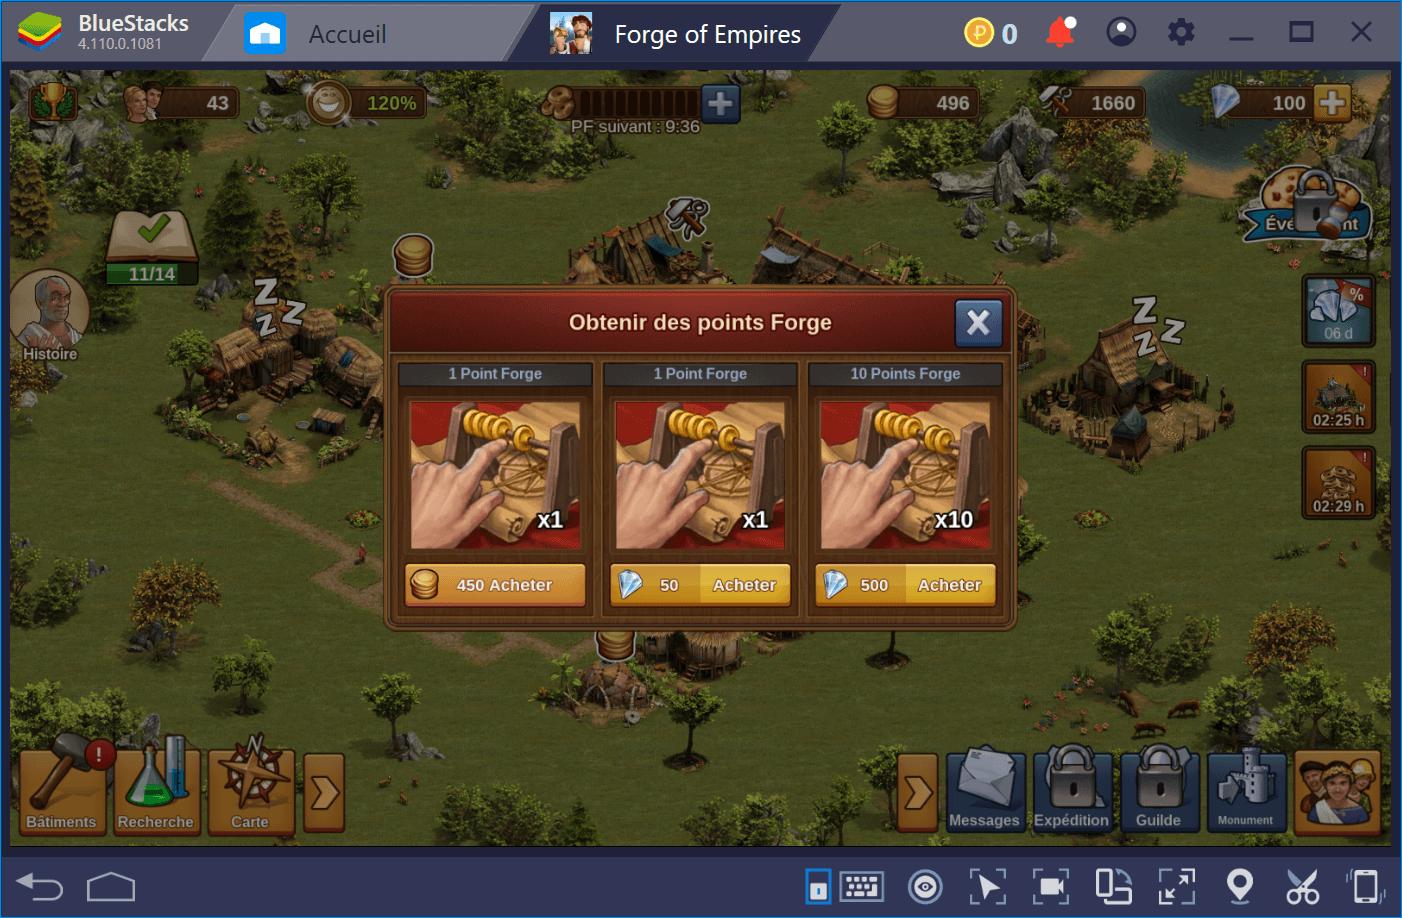 Trucs et astuces ultimes pour Forge of Empires